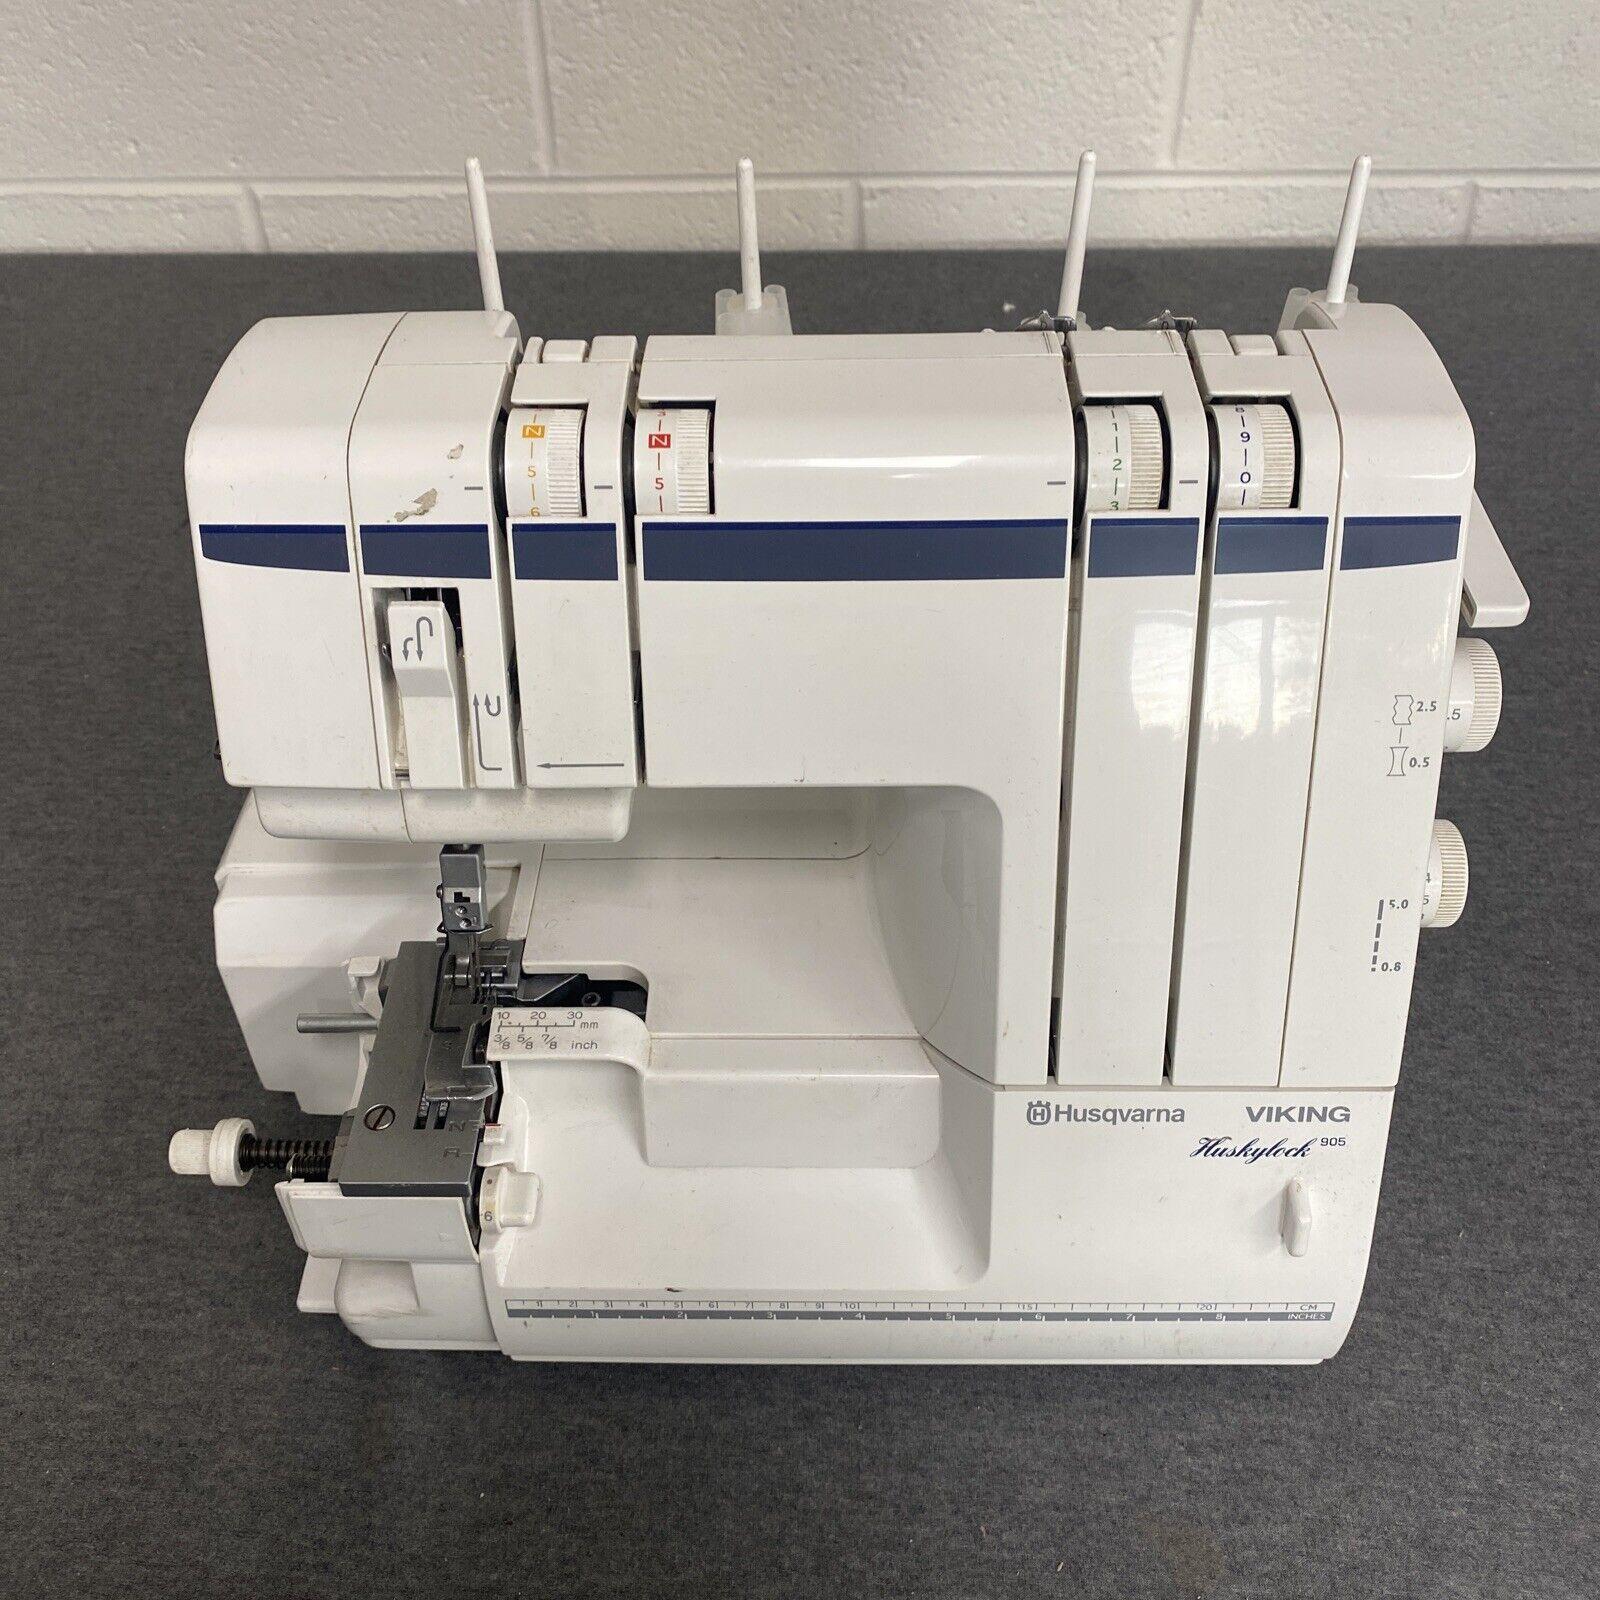 Husqvarna Viking 905 Huskylock Serger Sewing Machine [No Foot Controller]